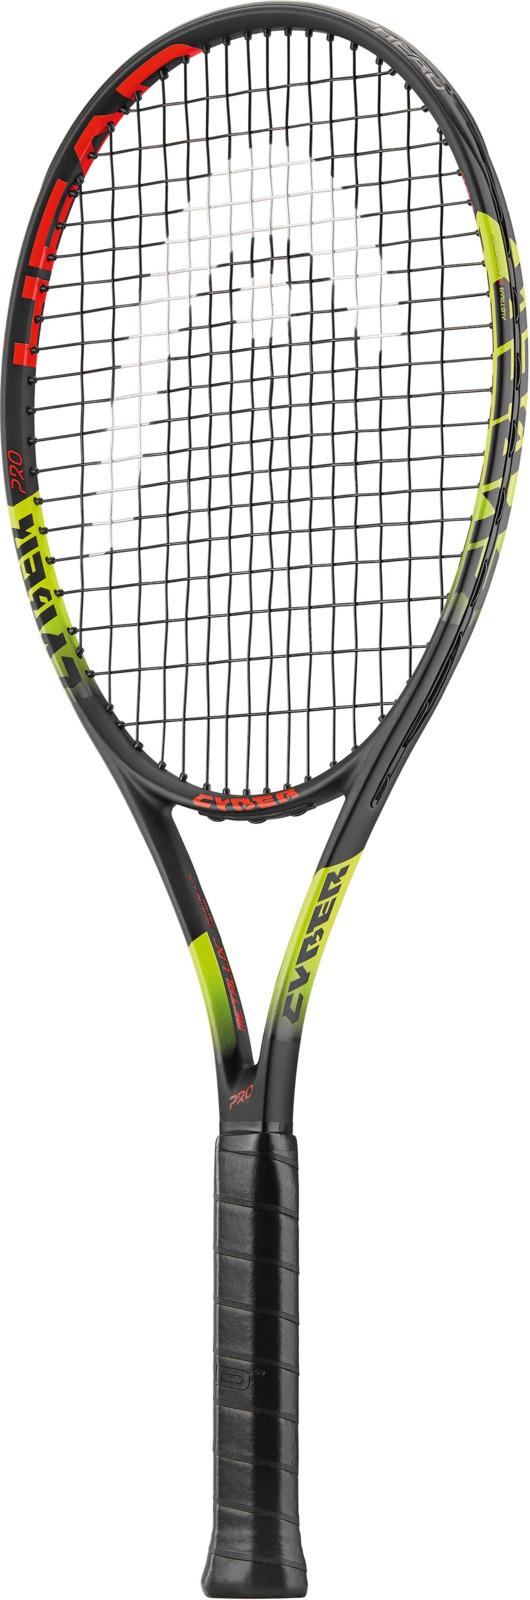 Ракетка теннисная Head MX Cyber Pro, черный, желтый, ручка 2 теннисная ракетка prince 7t35